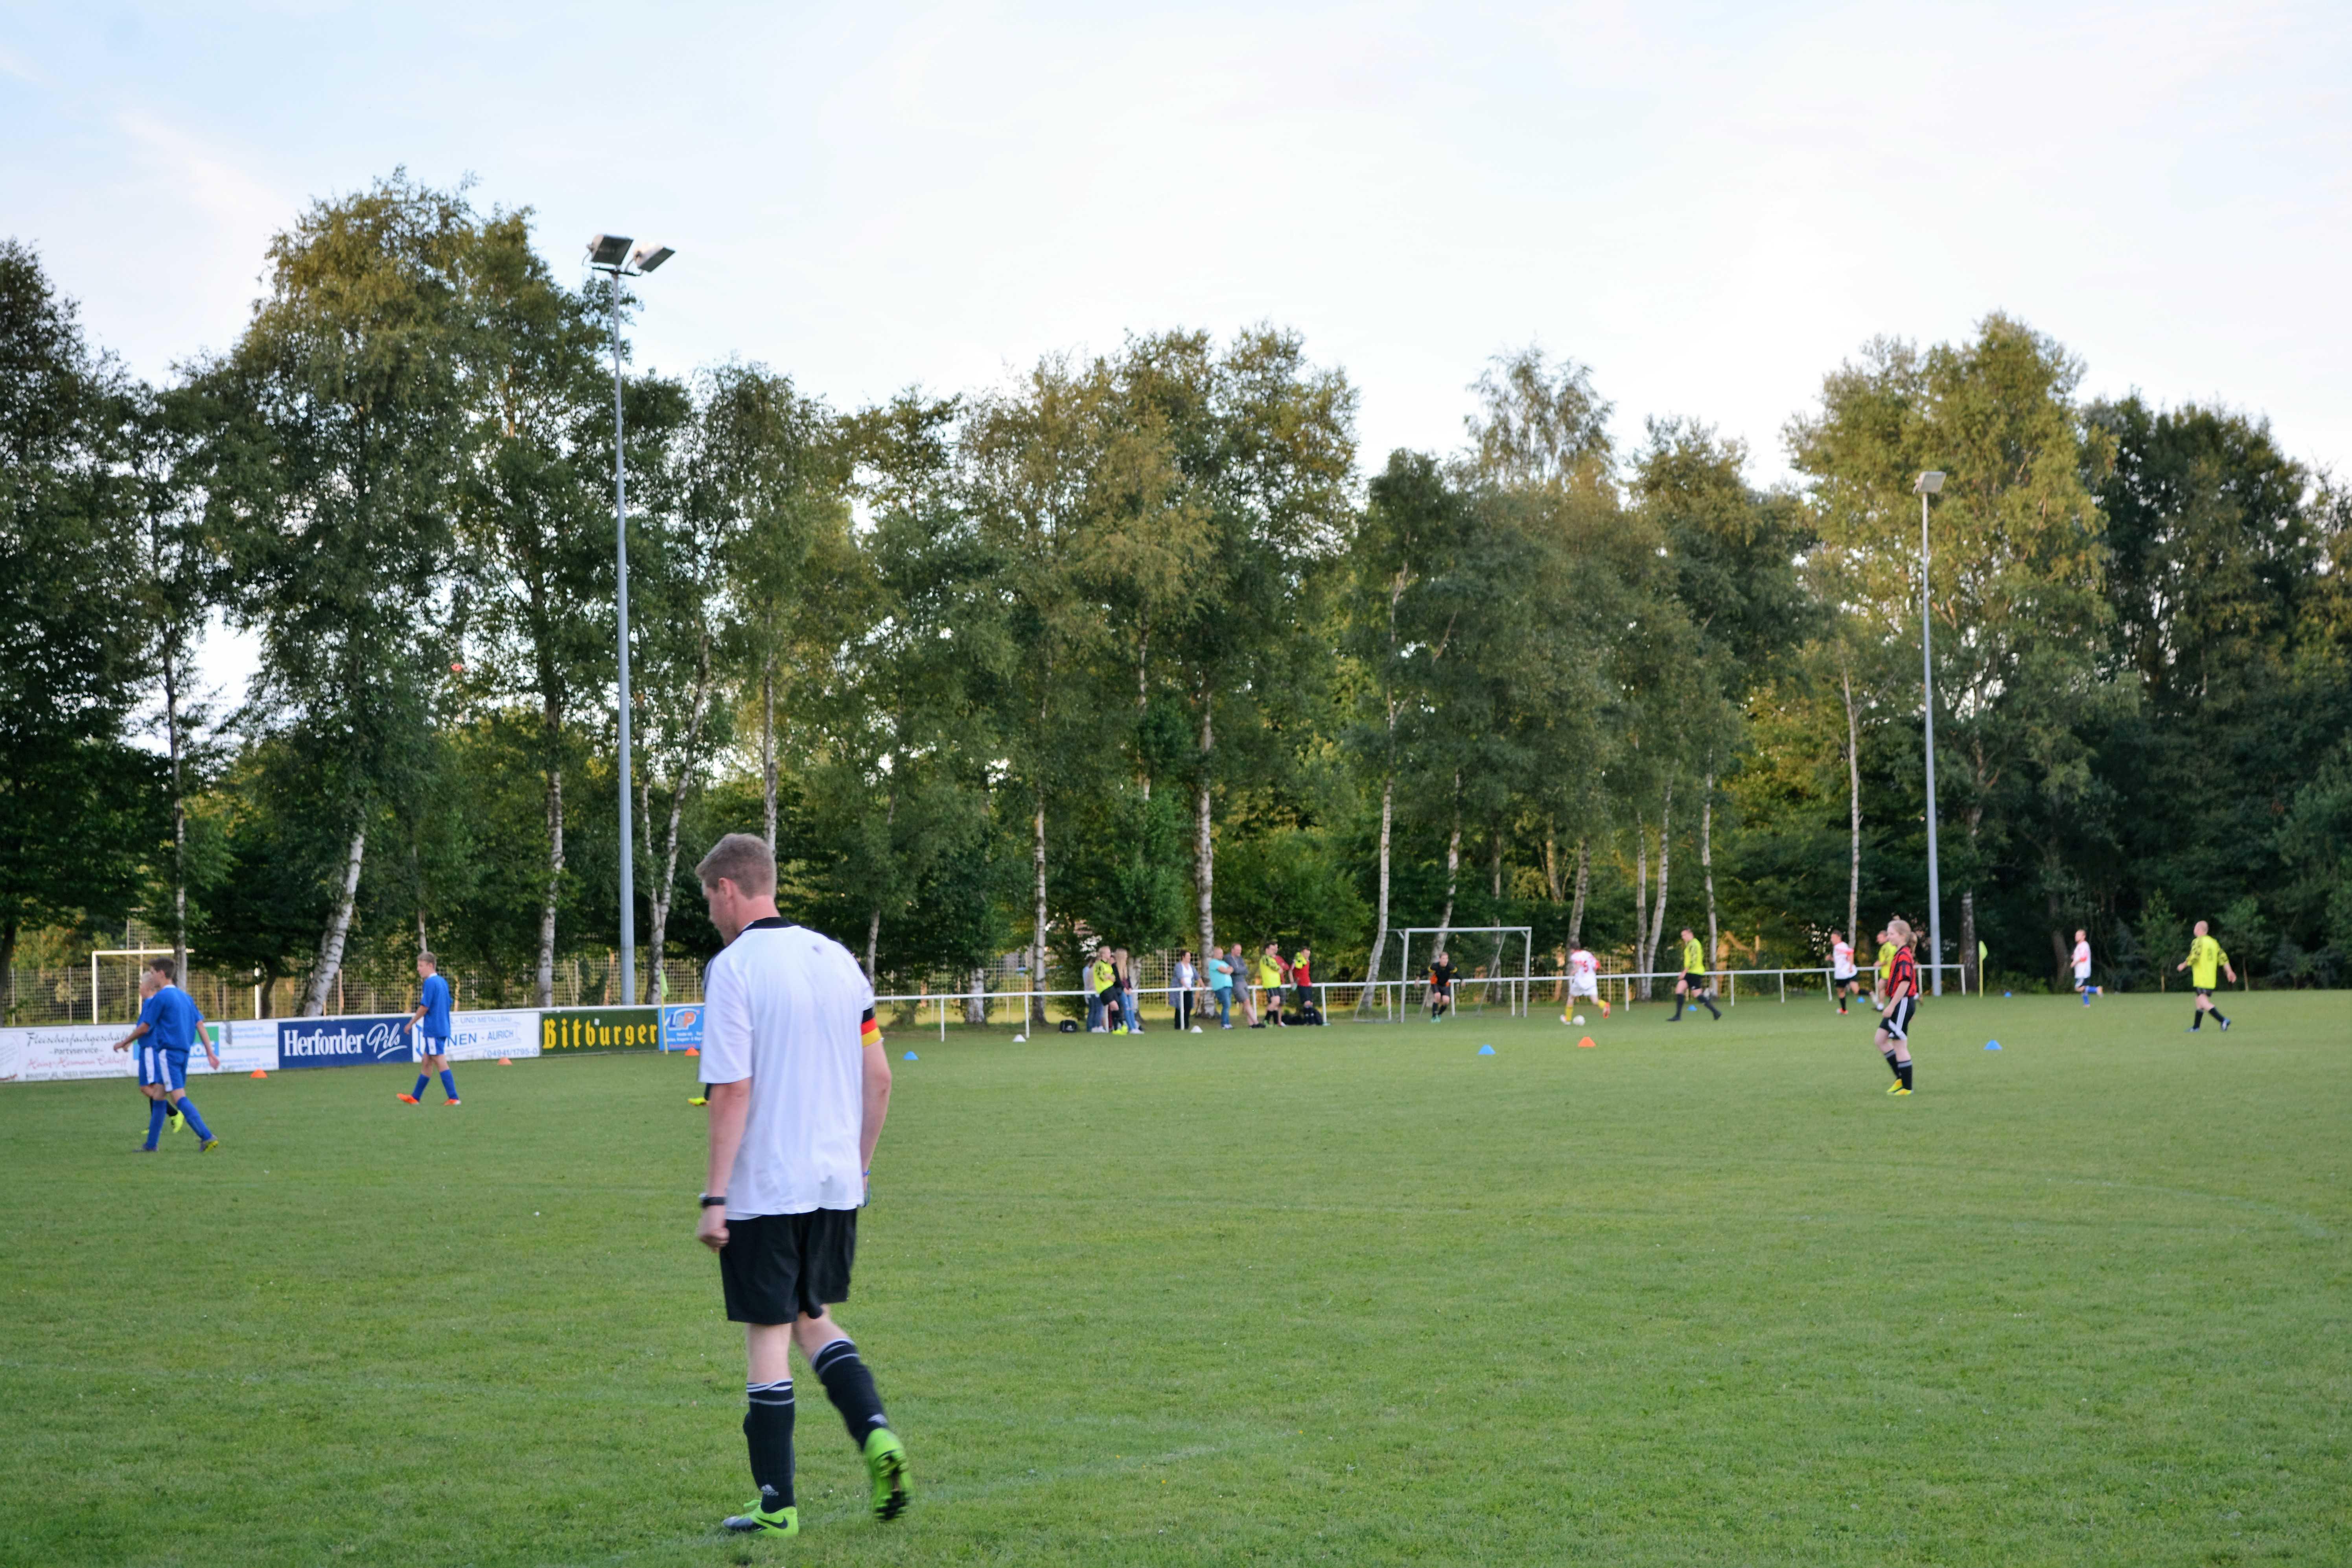 2016-07-30 Sportwoche - erster Samstag - Straßenturnier (38)